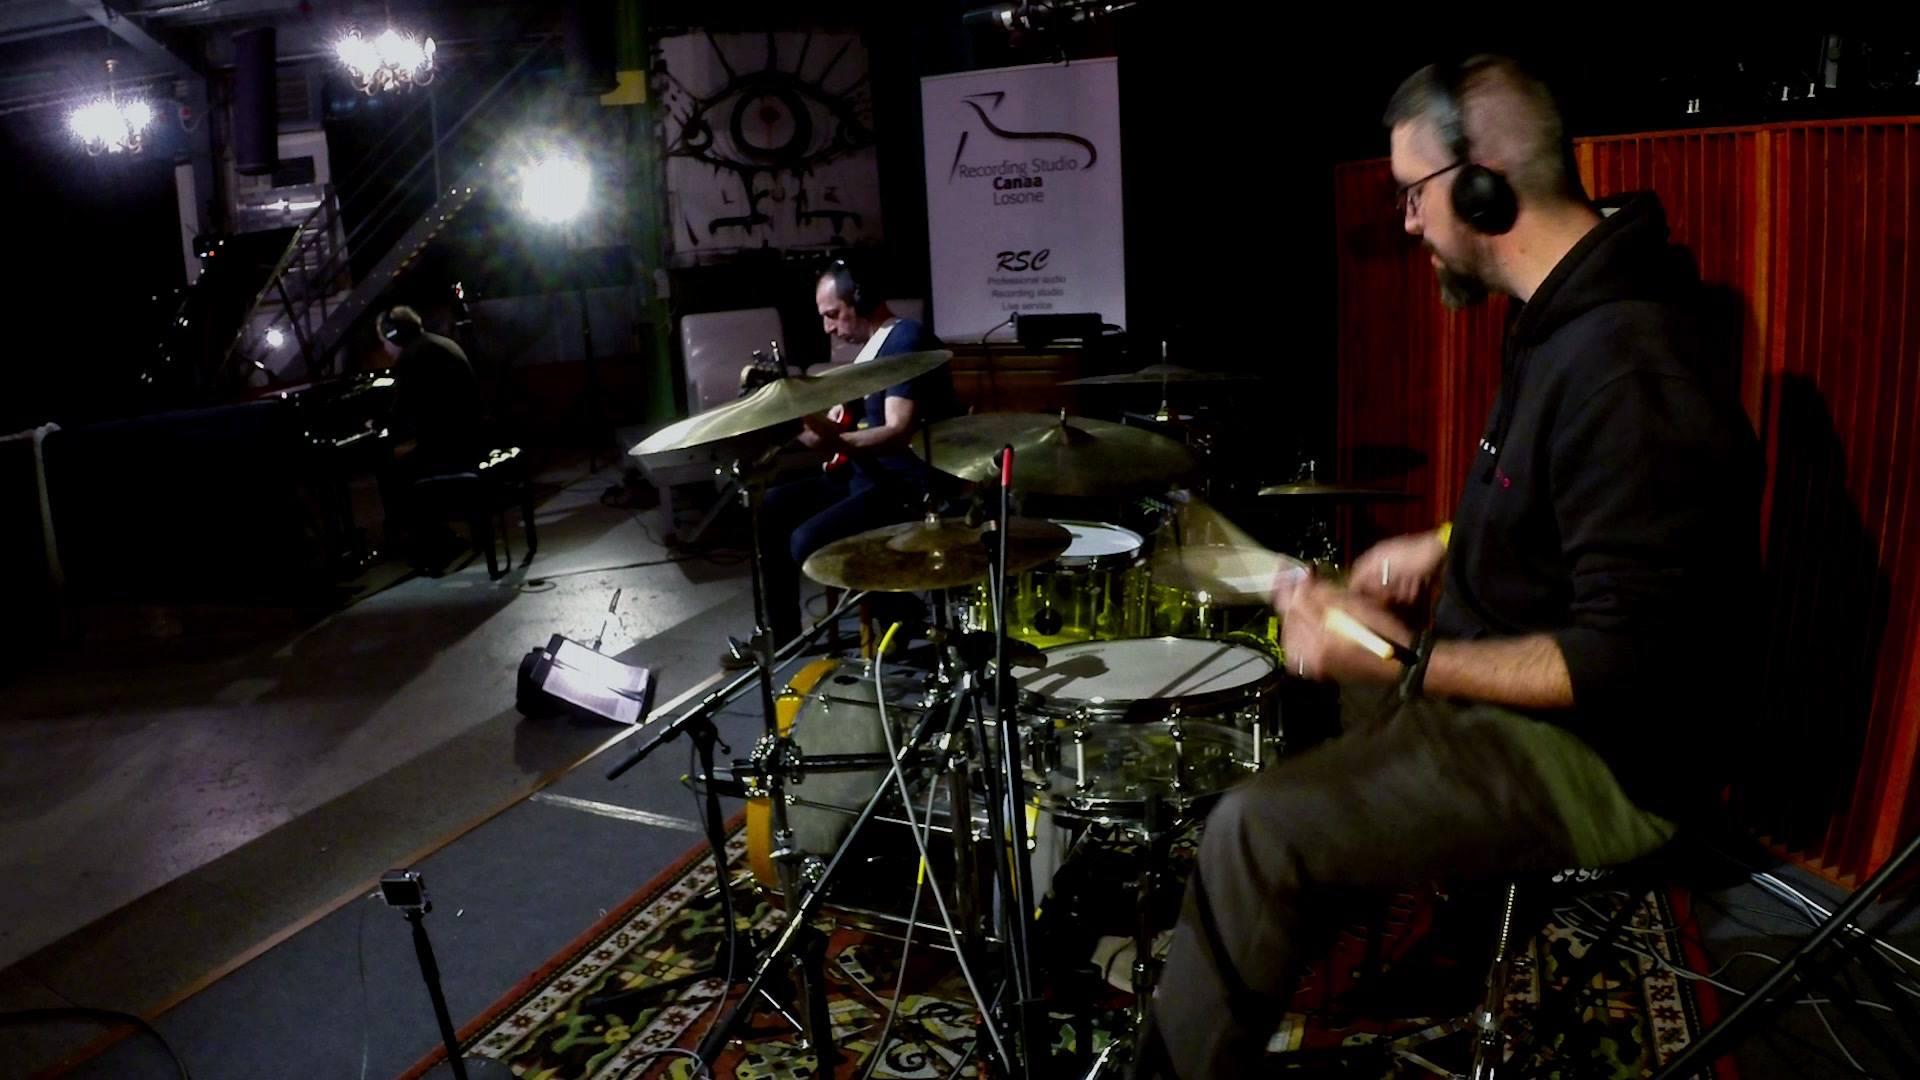 """Amici buongiorno Piccolo video """"DemoTape"""" registrato qualche settimana fa al RSC Recording Studio Canaa di Mauro Fiero Un onore per me suonare con dei musicisti così incredibili. se non vi basta e volete vederne altri, date un'occhiata qui: https://w"""